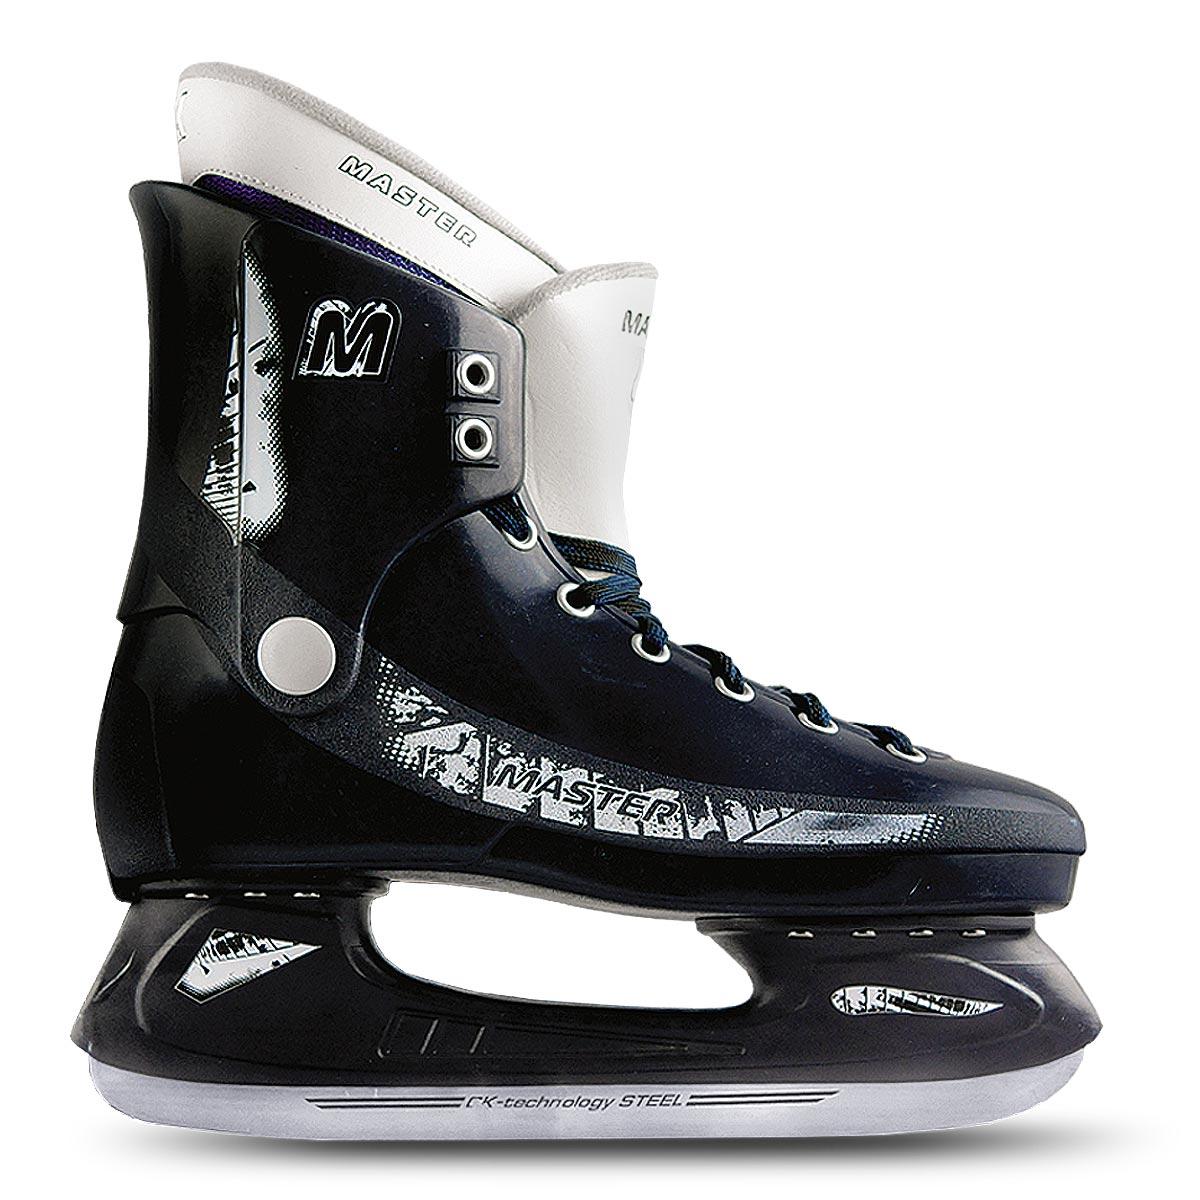 Коньки хоккейные мужские CK Master Deluxe, цвет: синий. Размер 39